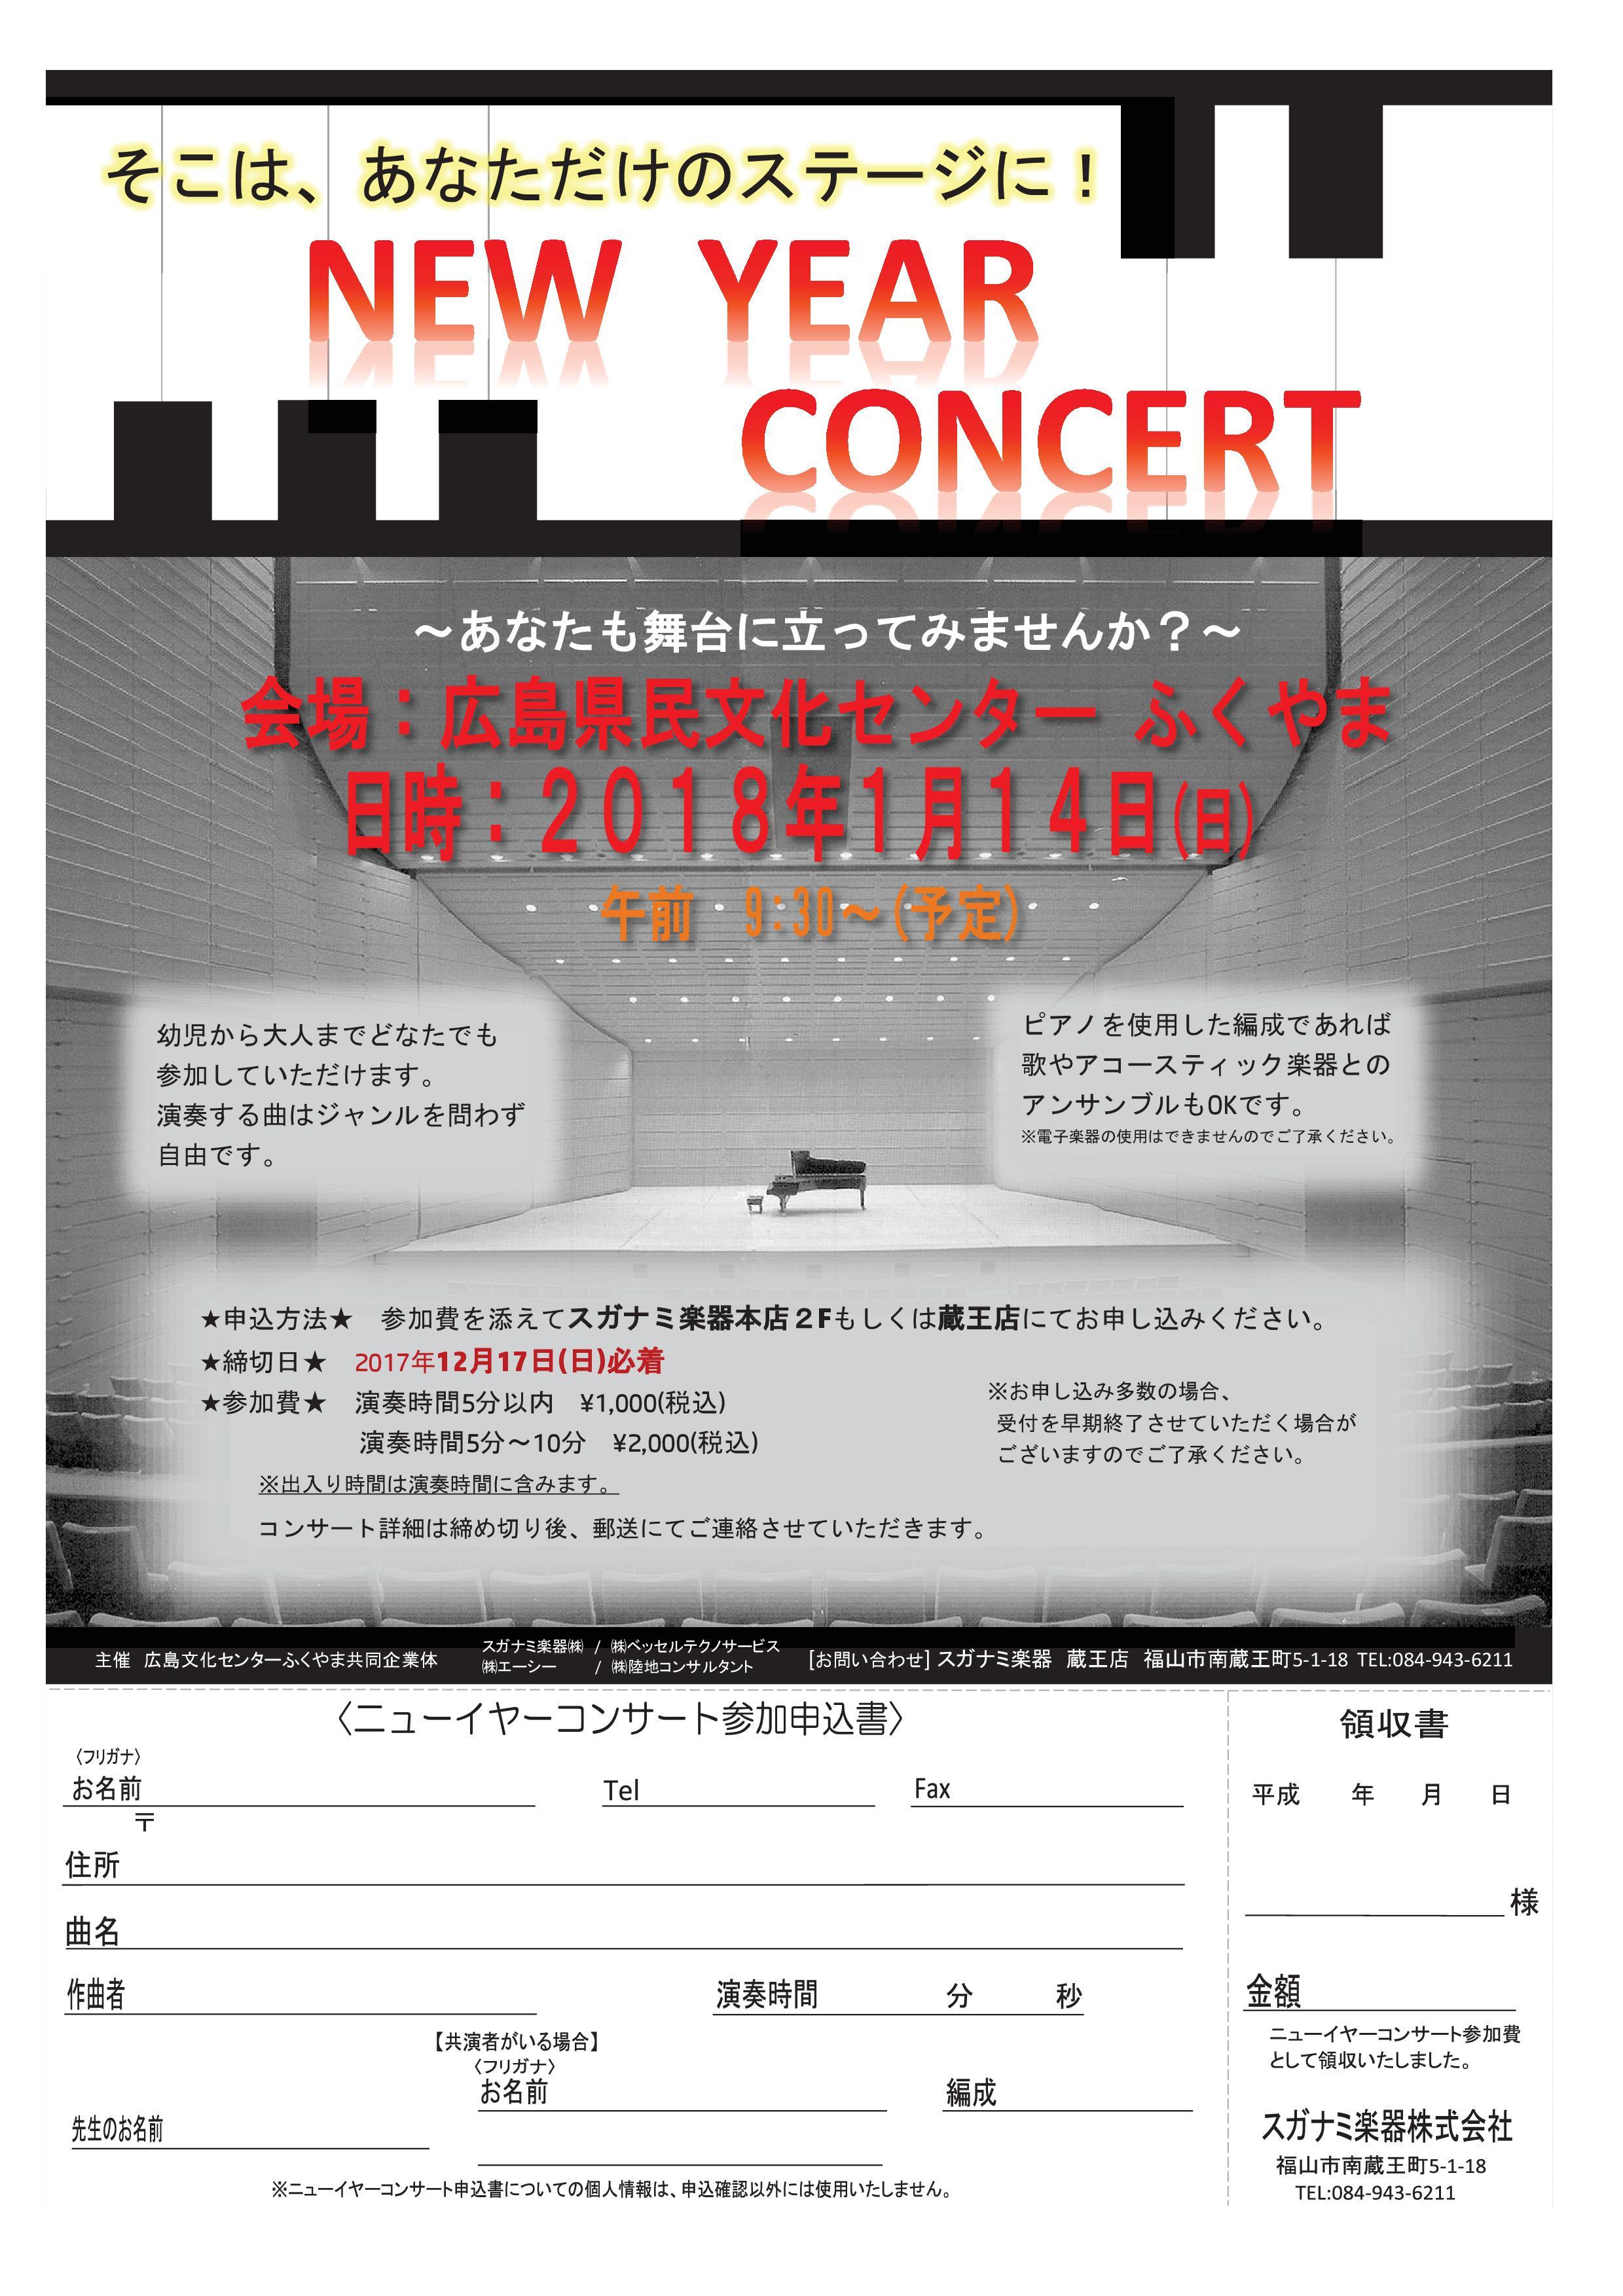 1.14ニューイヤーコンサート